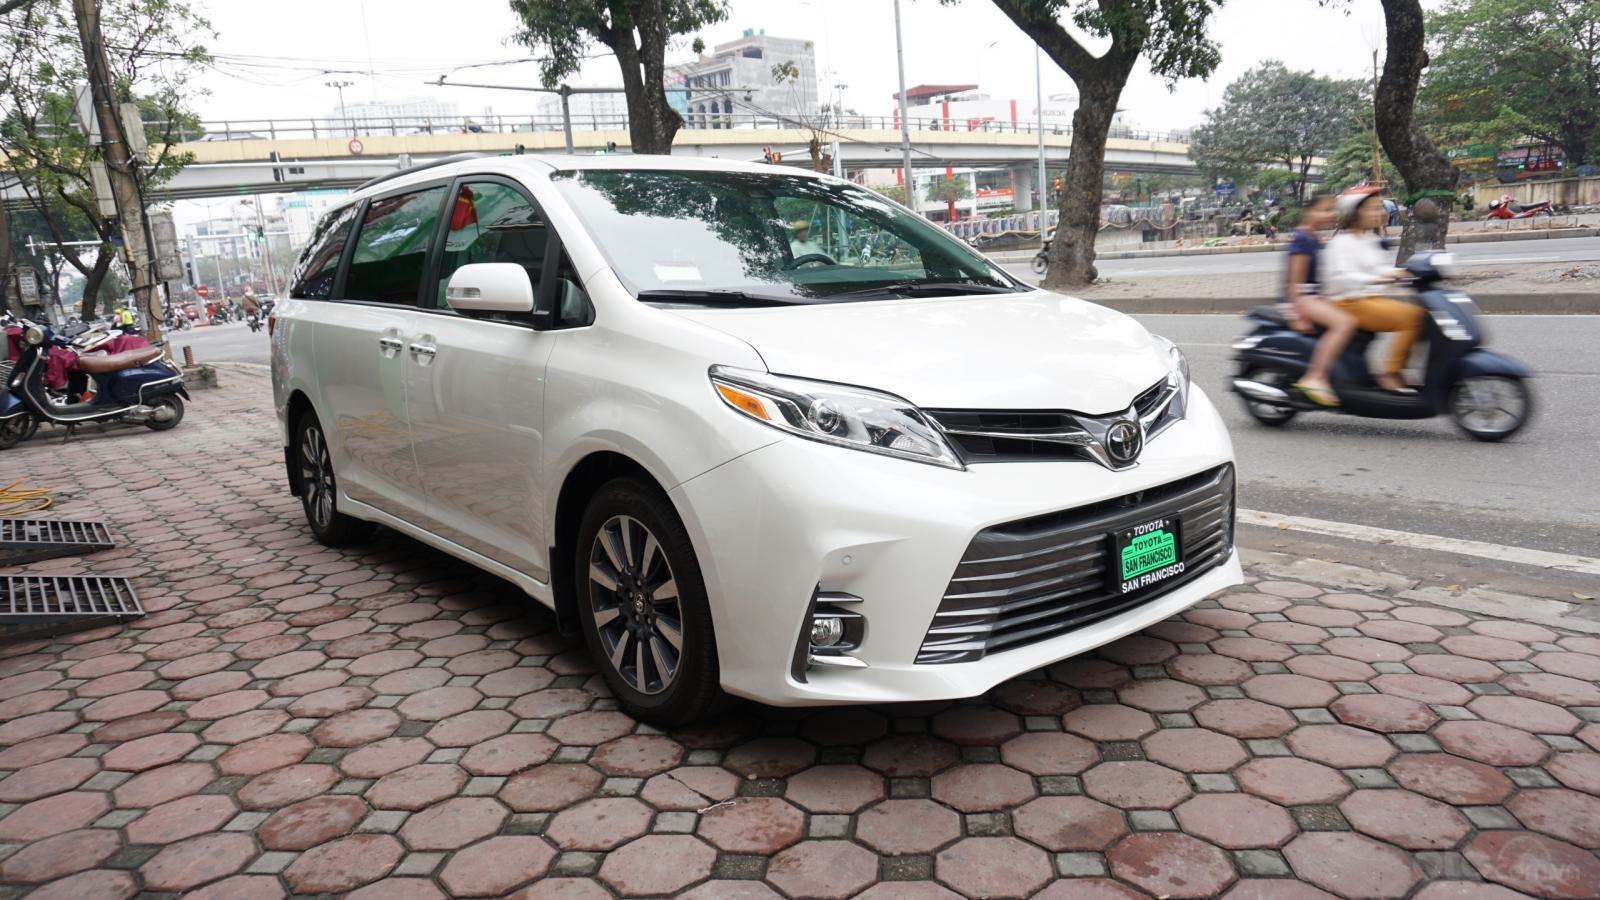 Bán Toyota Sienna Limited 1 cầu 2020 giao ngay, giá tốt nhất, LH 094.539.2468 Ms Hương (2)